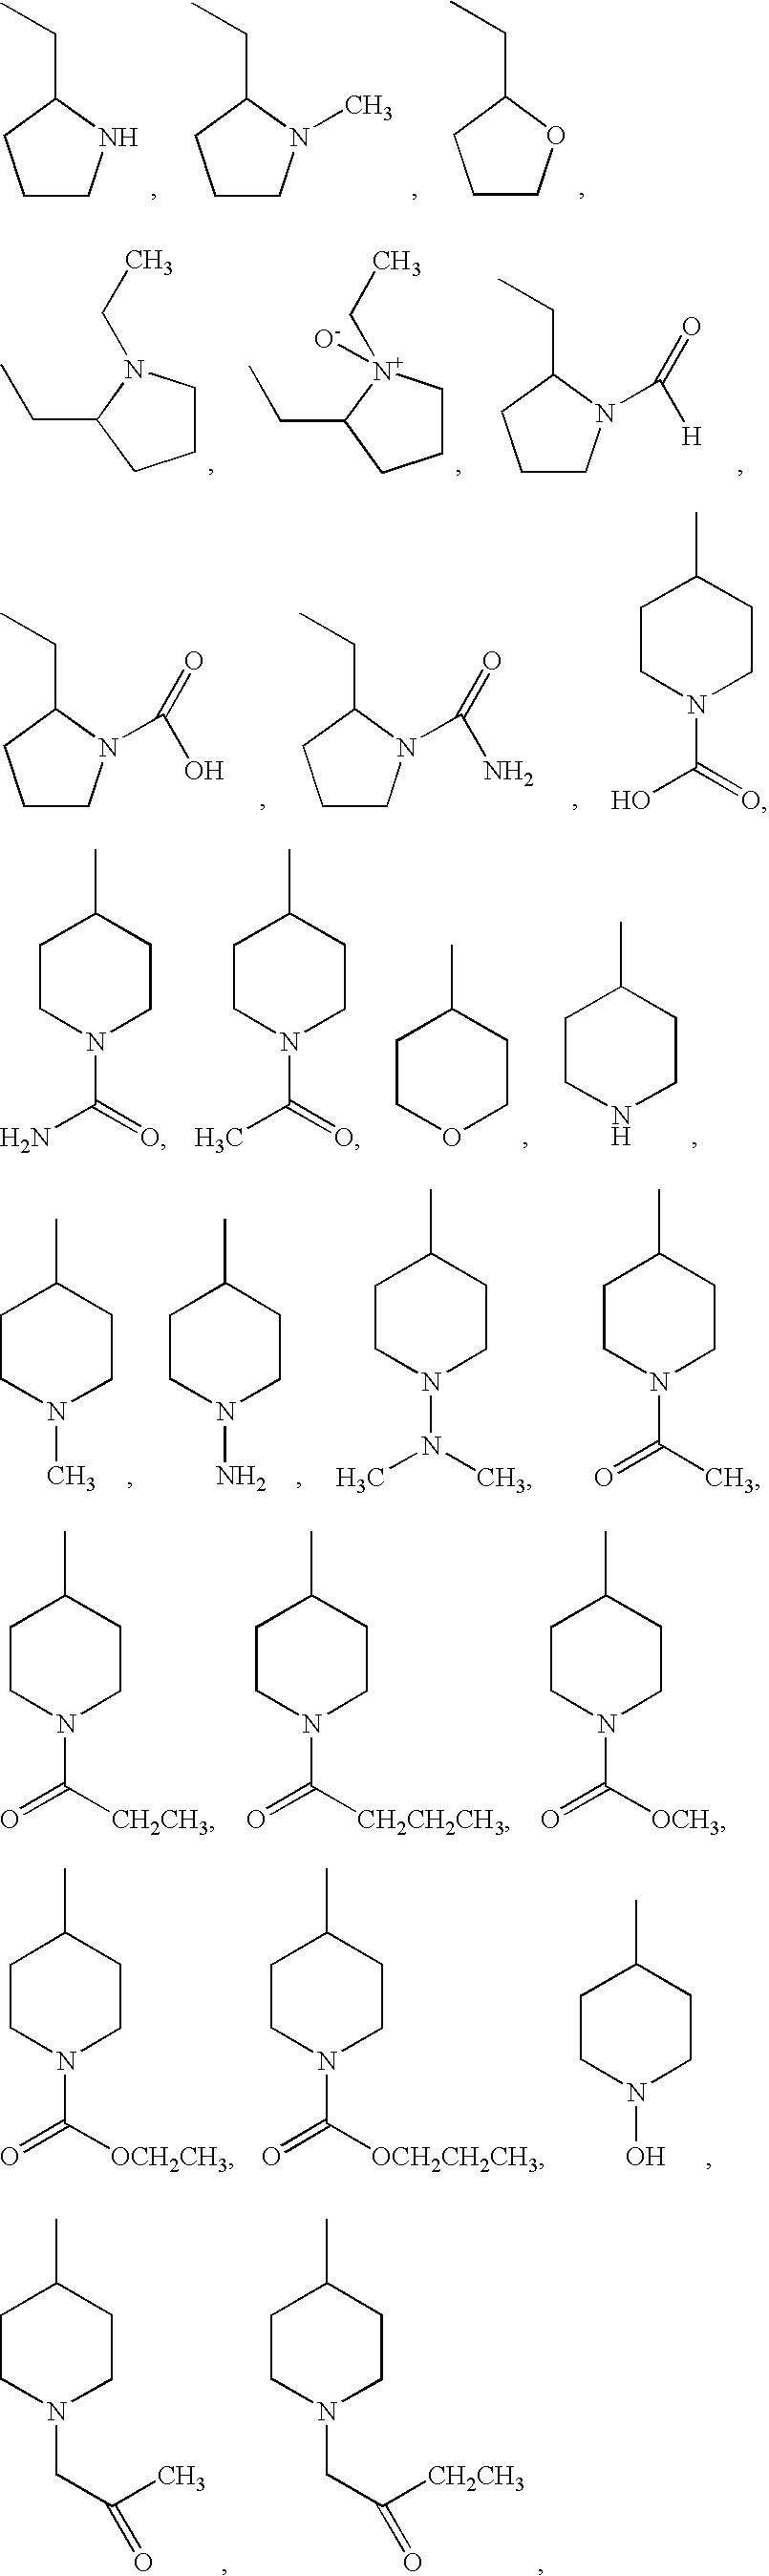 Figure US20050113341A1-20050526-C00060